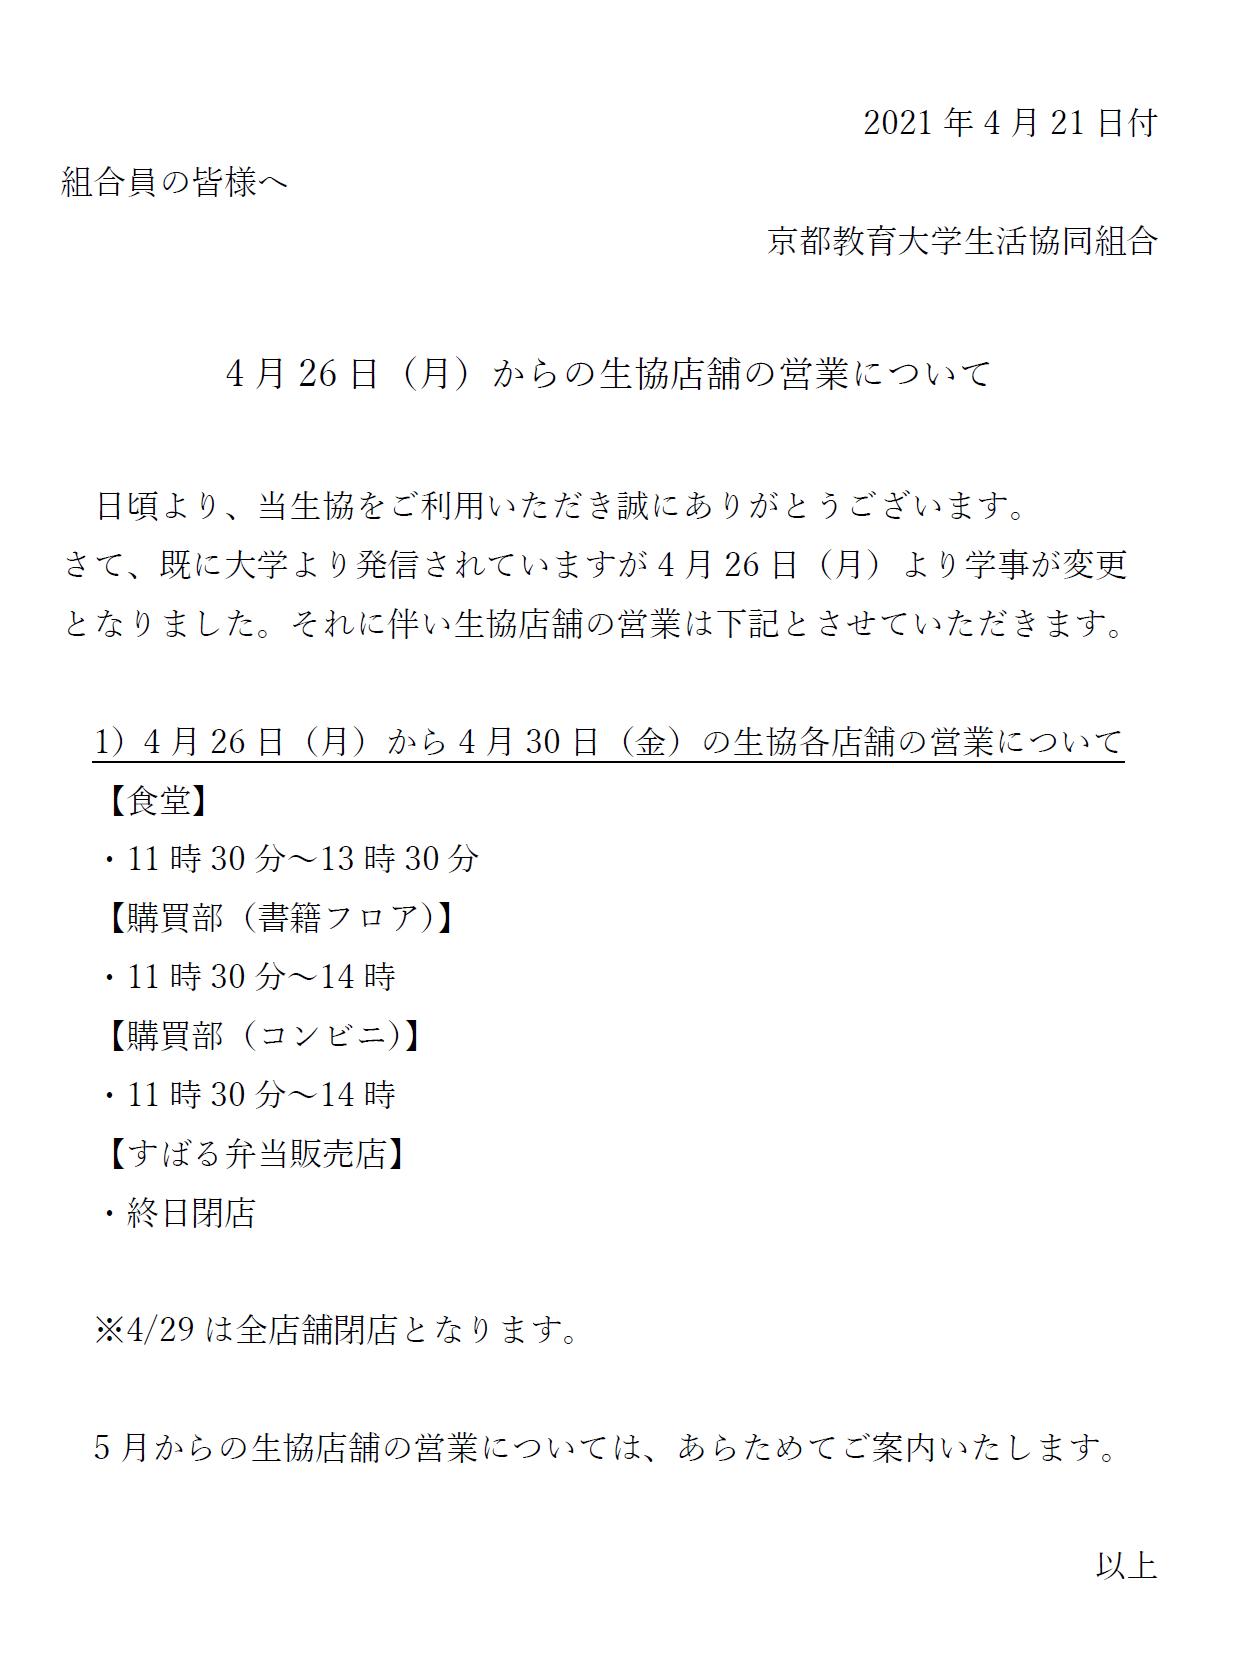 4月21日付 4月26日(月)からの生協店舗の営業について(HPアップ用).png